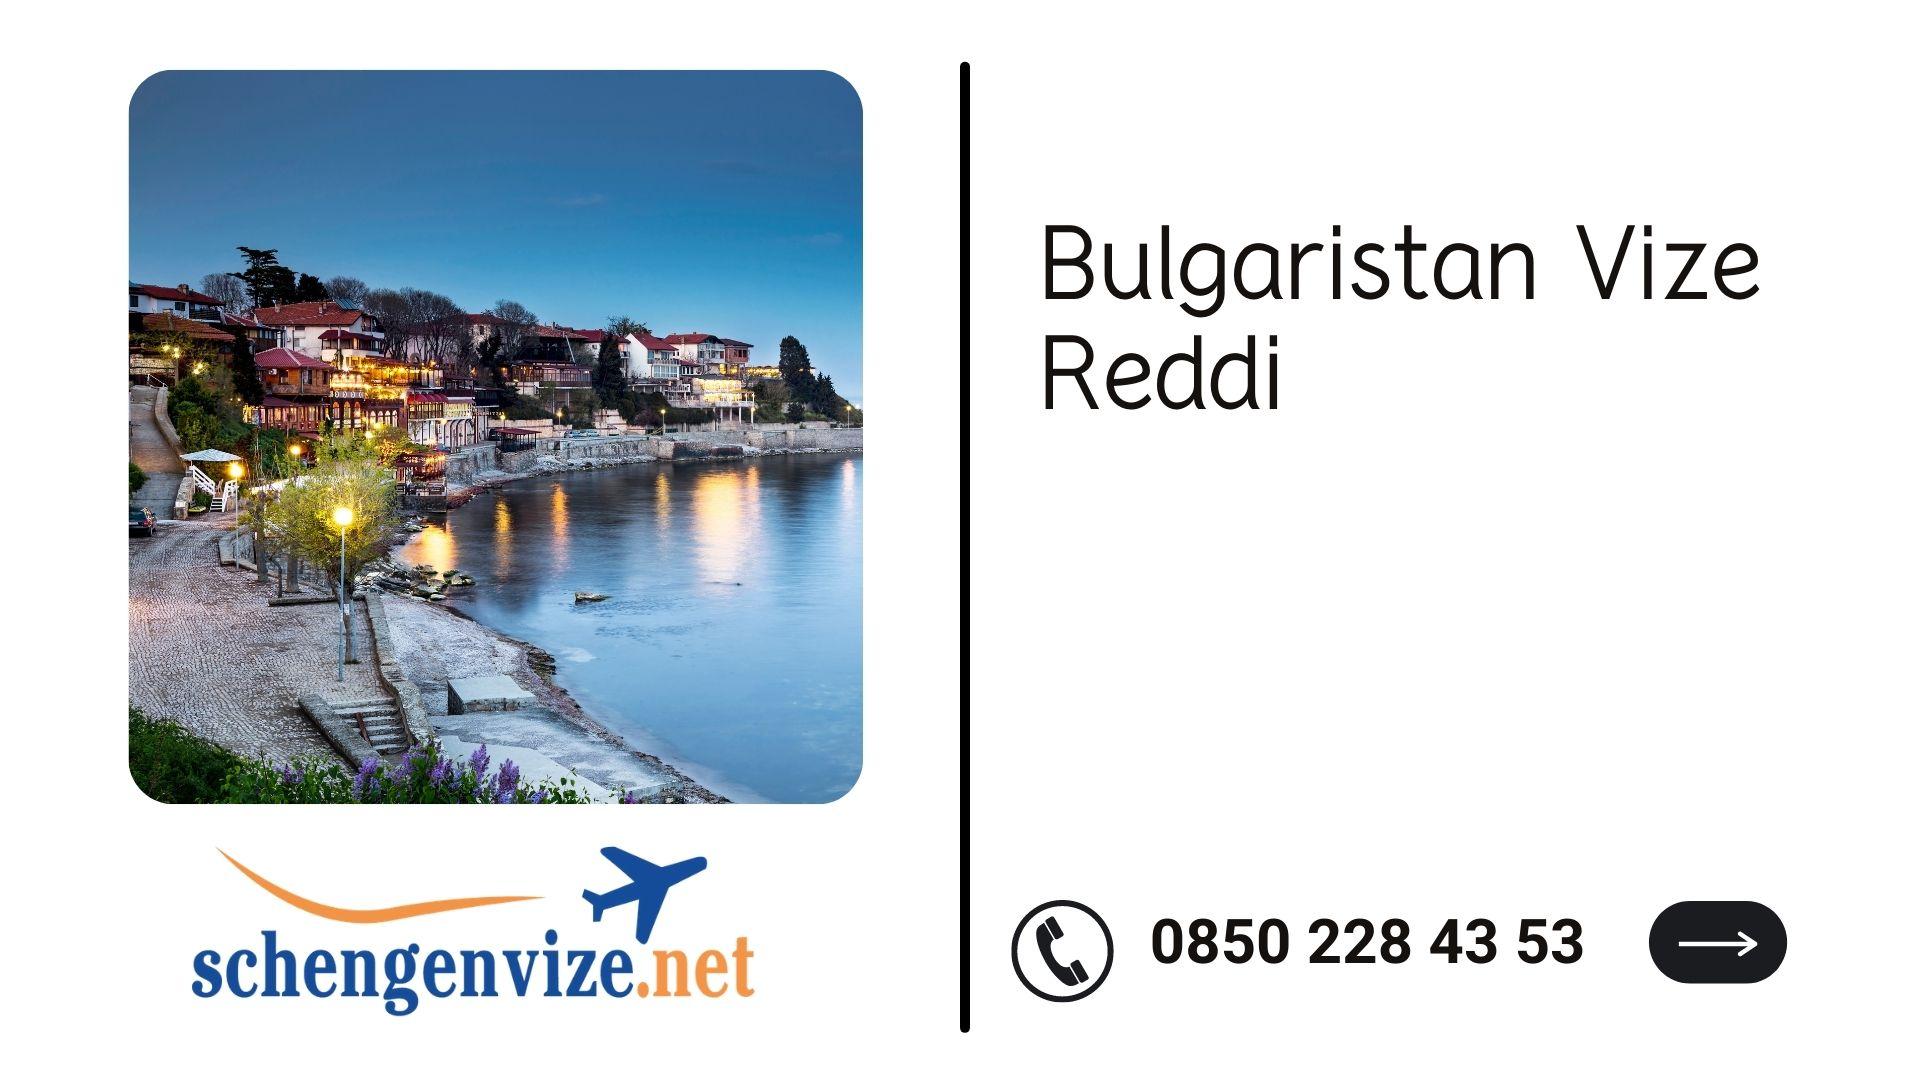 Bulgaristan Vize Reddi